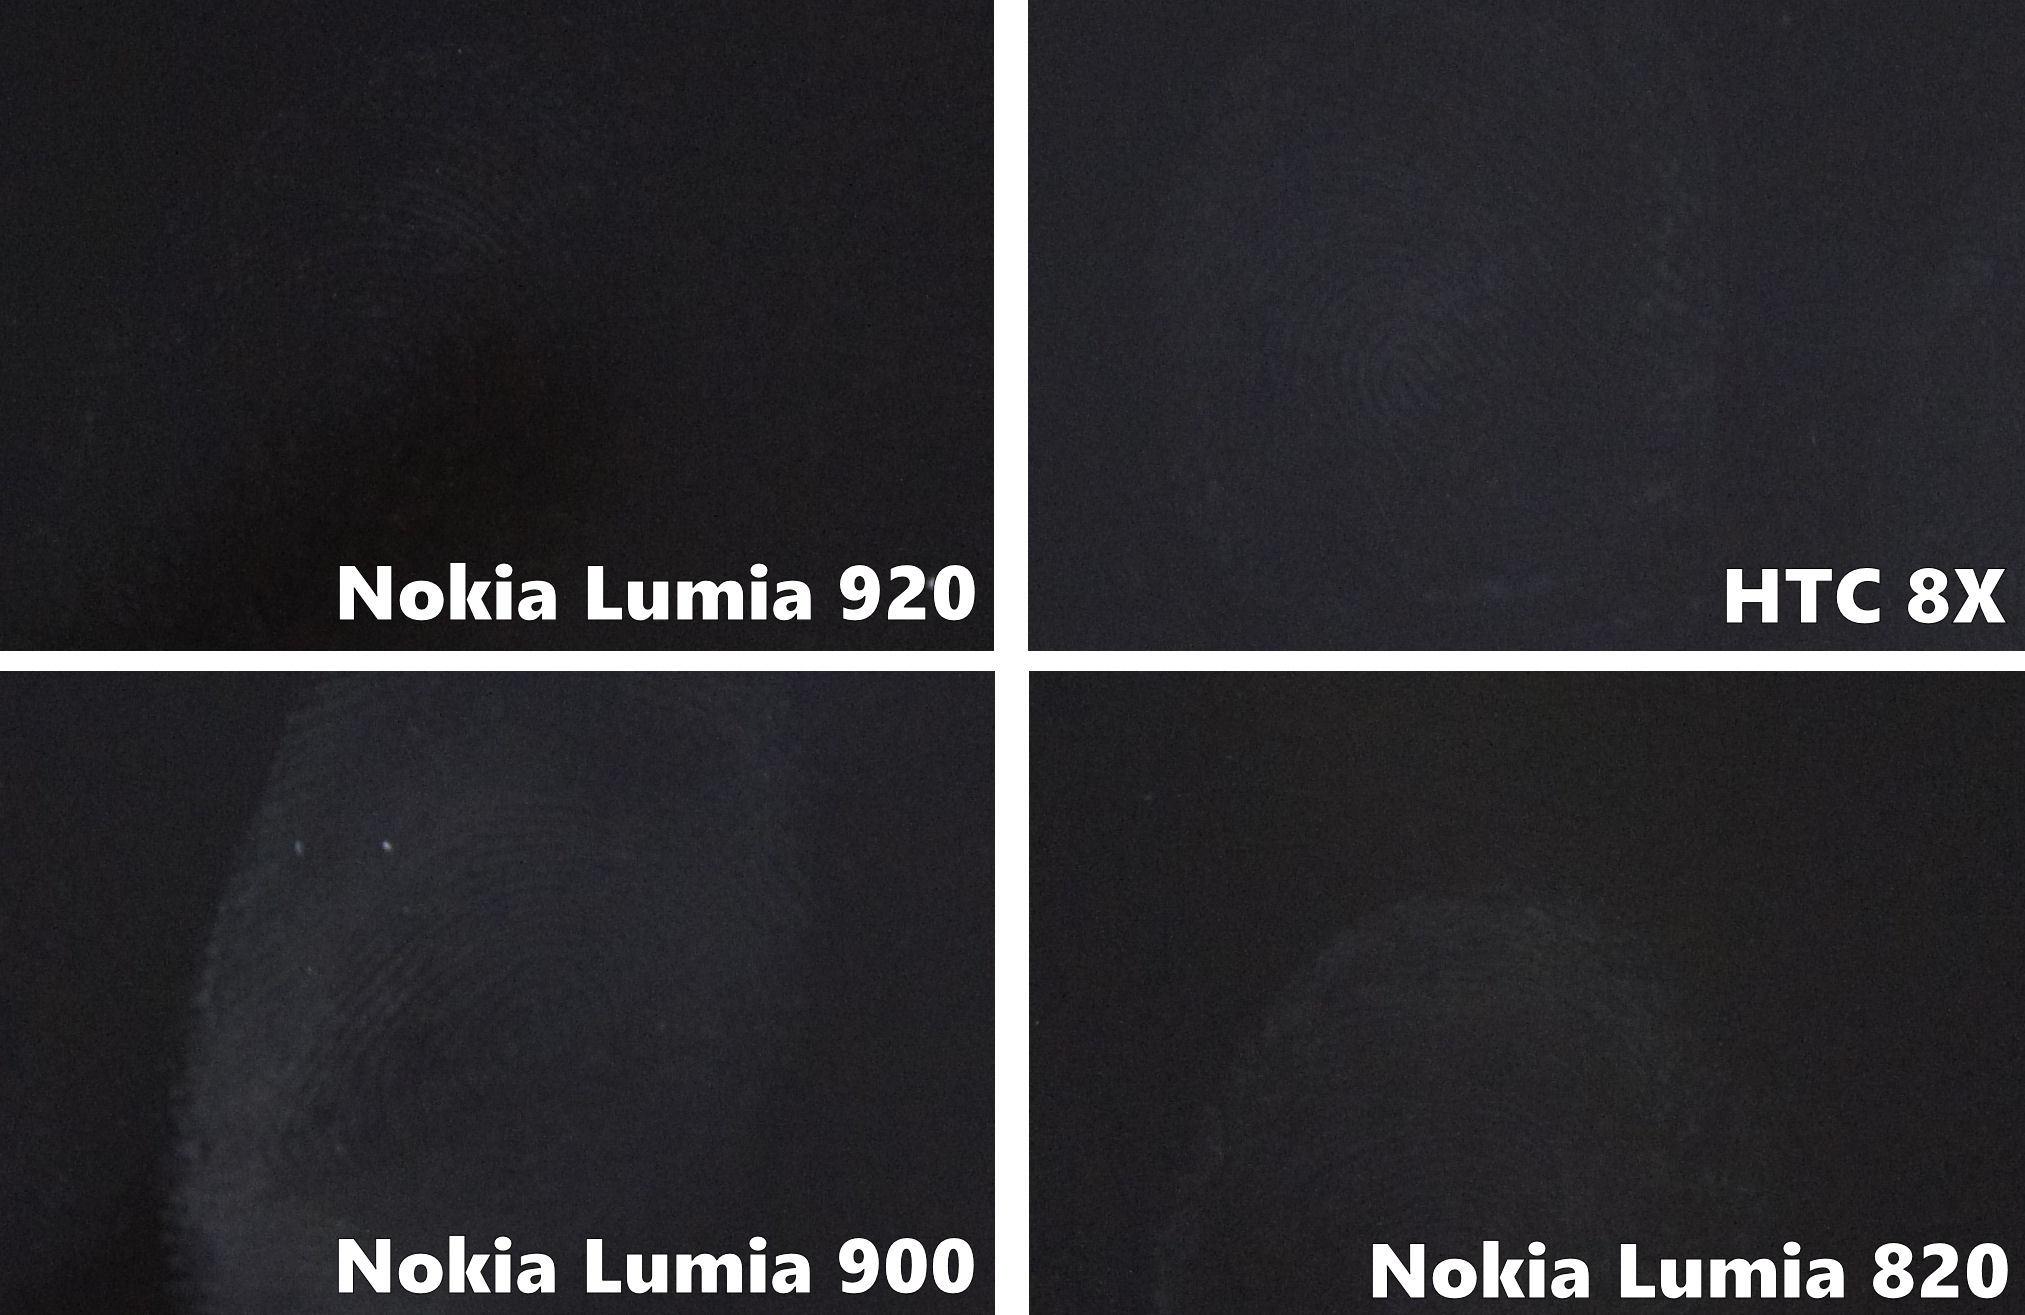 Fingerabdrücke auf dem Display: Aktuelle Windows Phones im Vergleichstest